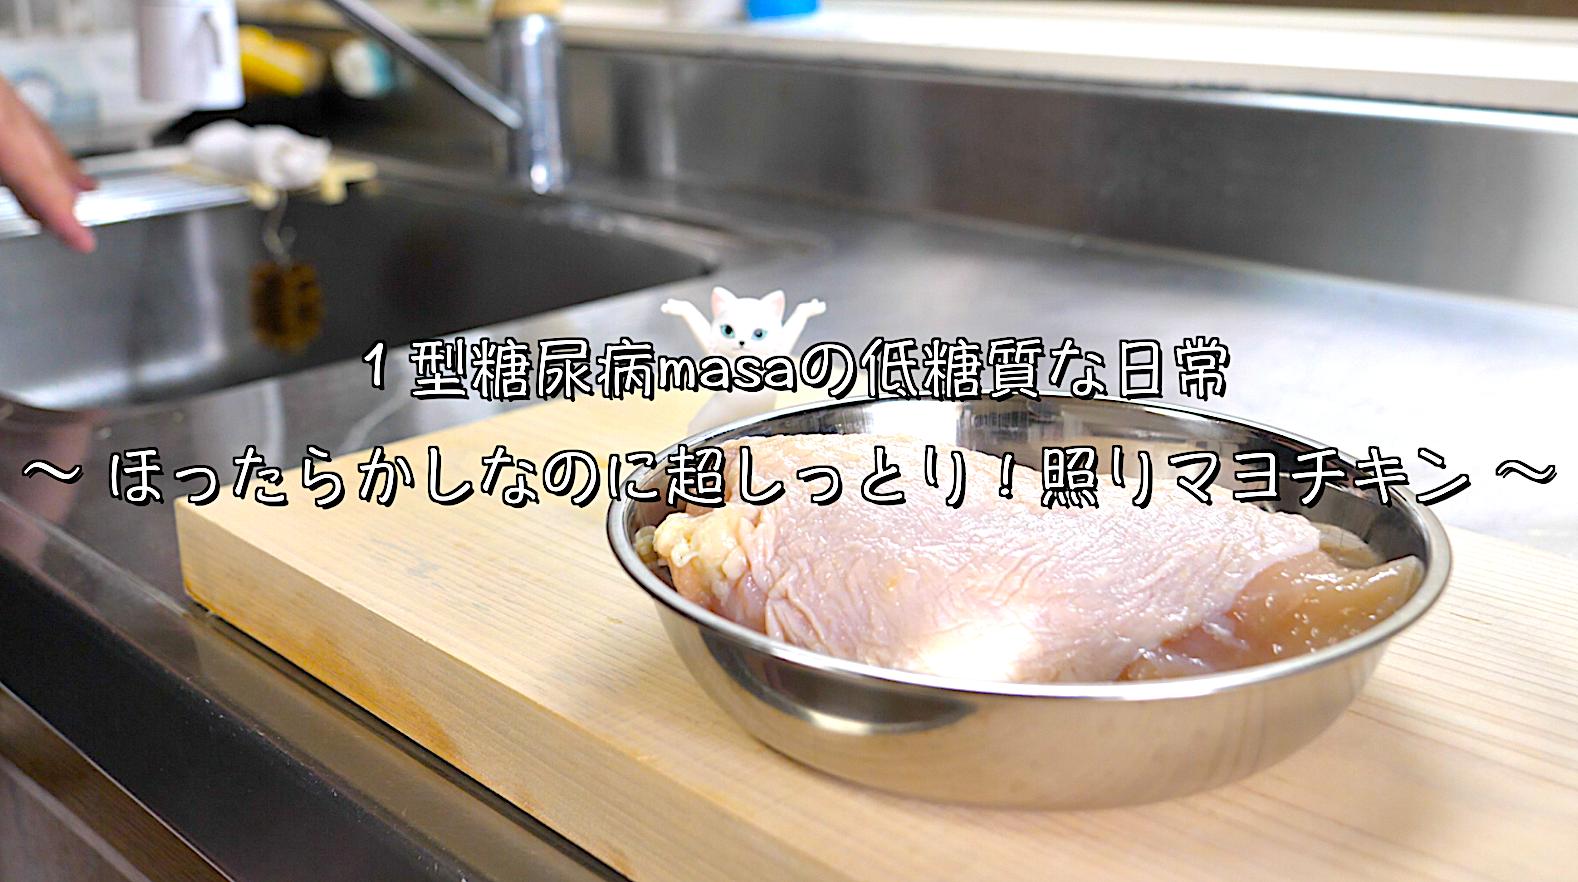 鶏ムネ肉 照り焼きチキン レシピ